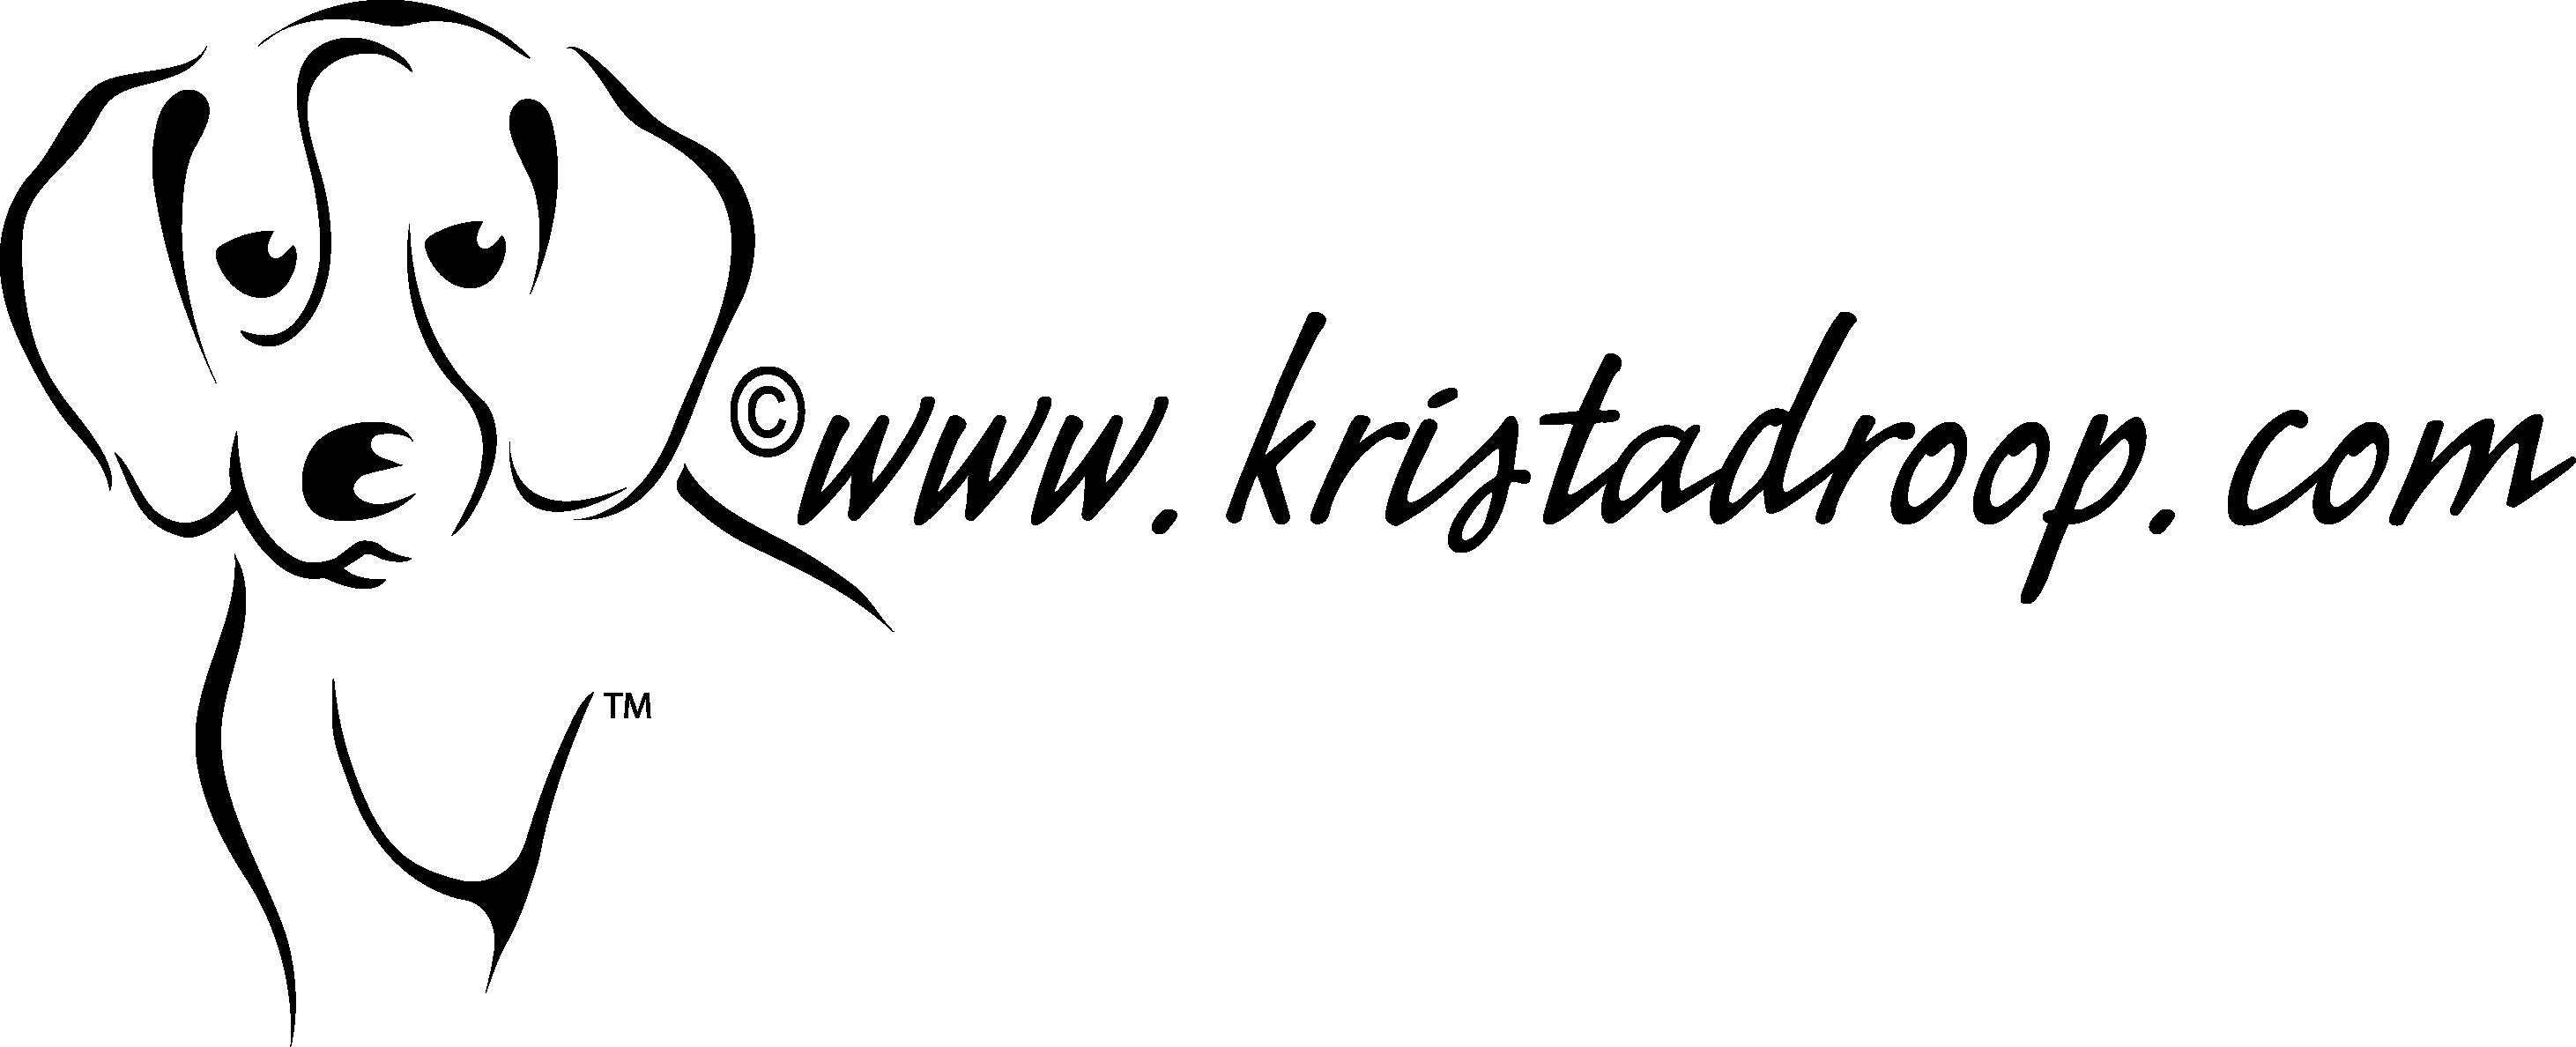 Krista Droop Signature